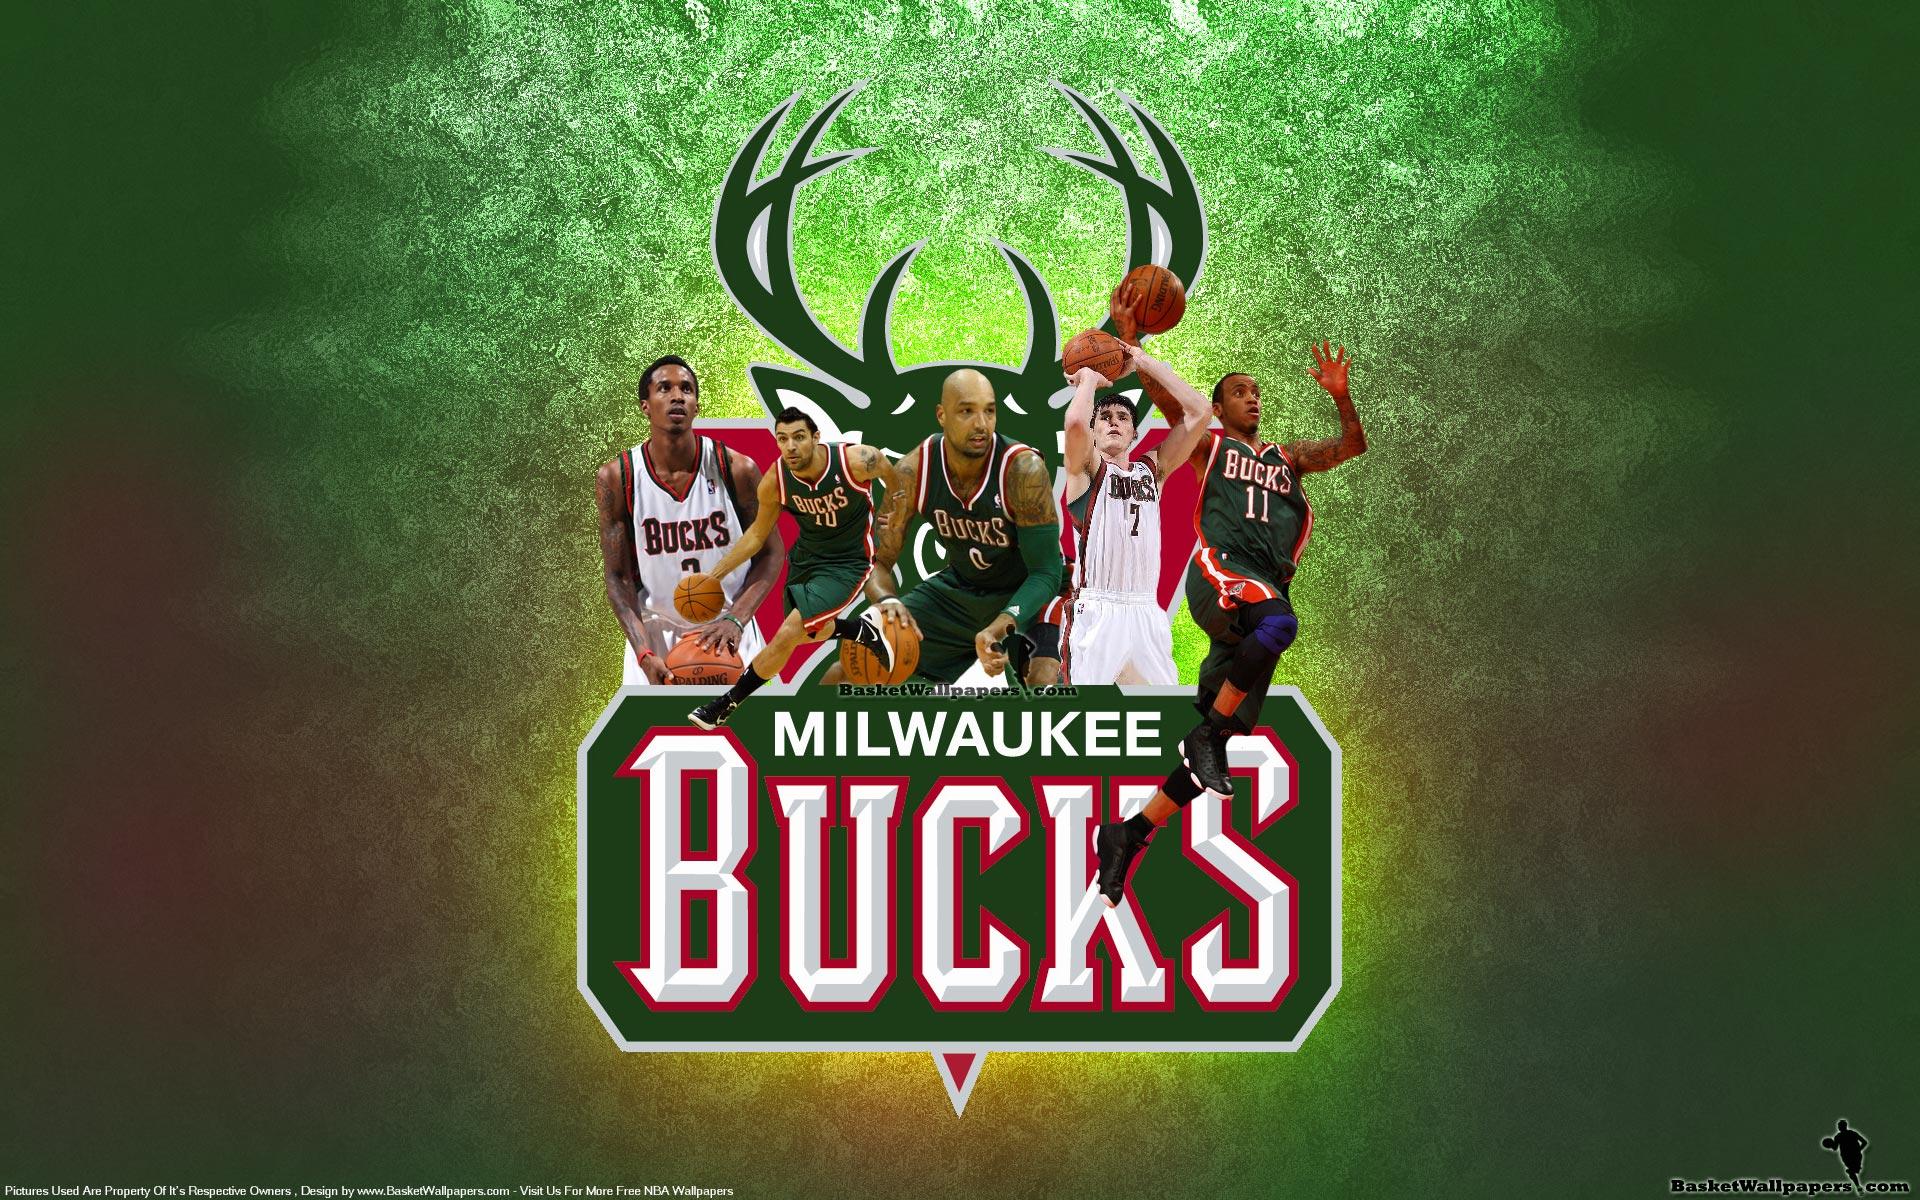 Milwaukee Bucks Starting 5 2012 Wallpaper